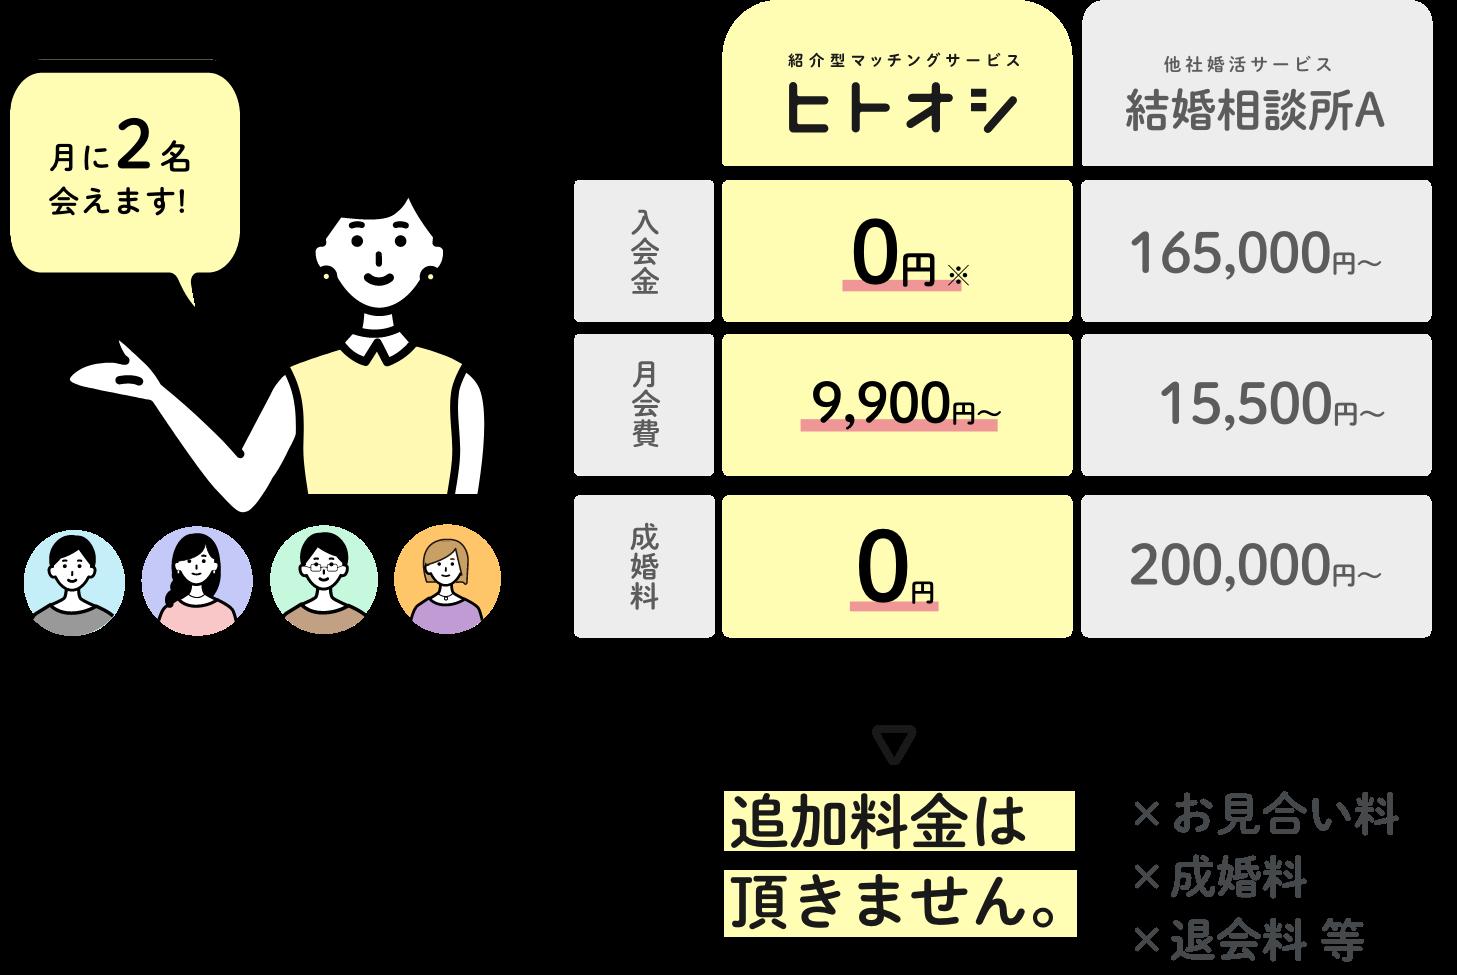 月に2名会えます。ヒトオシは、入会金無料、月会費が9900円から、成婚料は0円と他社と比較してメリットが高いです。また、追加料金はいただきません。